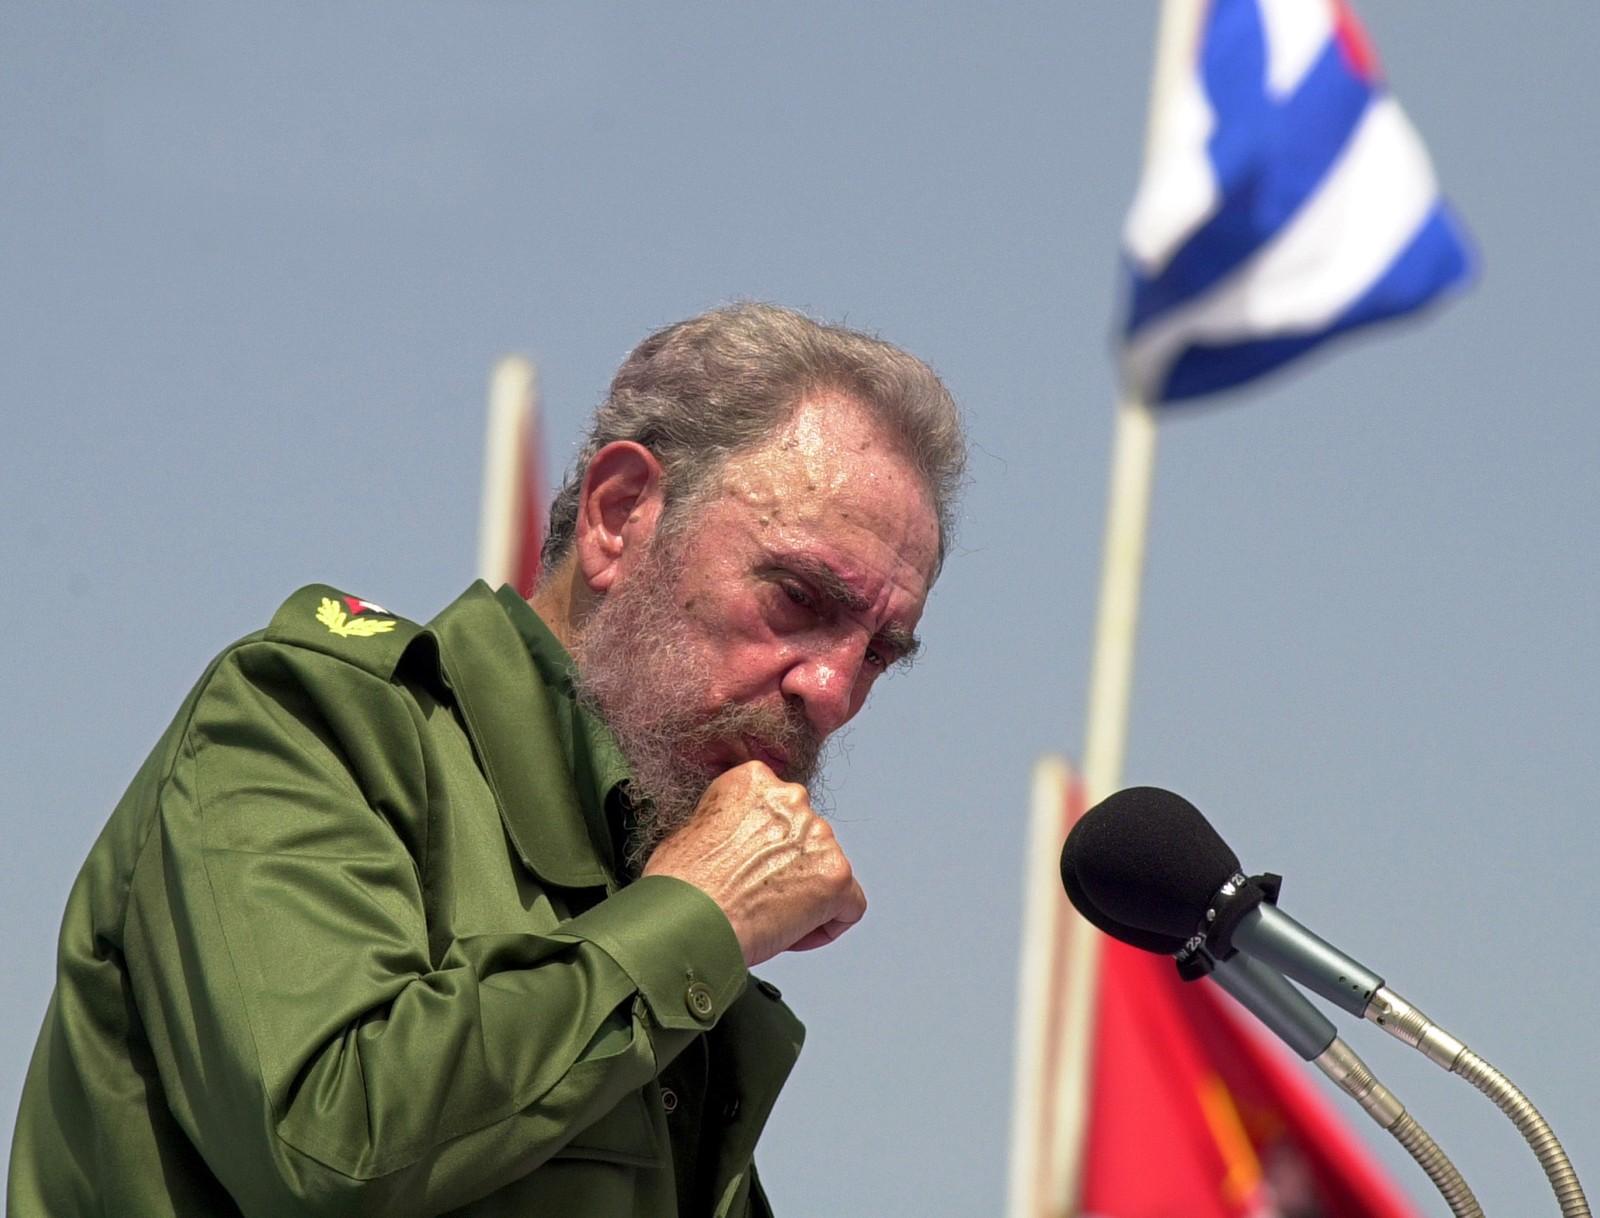 I 2001 kom de første tegnene på at Cubas sterke mann og revolusjonshelt bare var et menneske, hvis helse også kunne svikte. Her avbildet minutter før han besvimer på talerstolen.